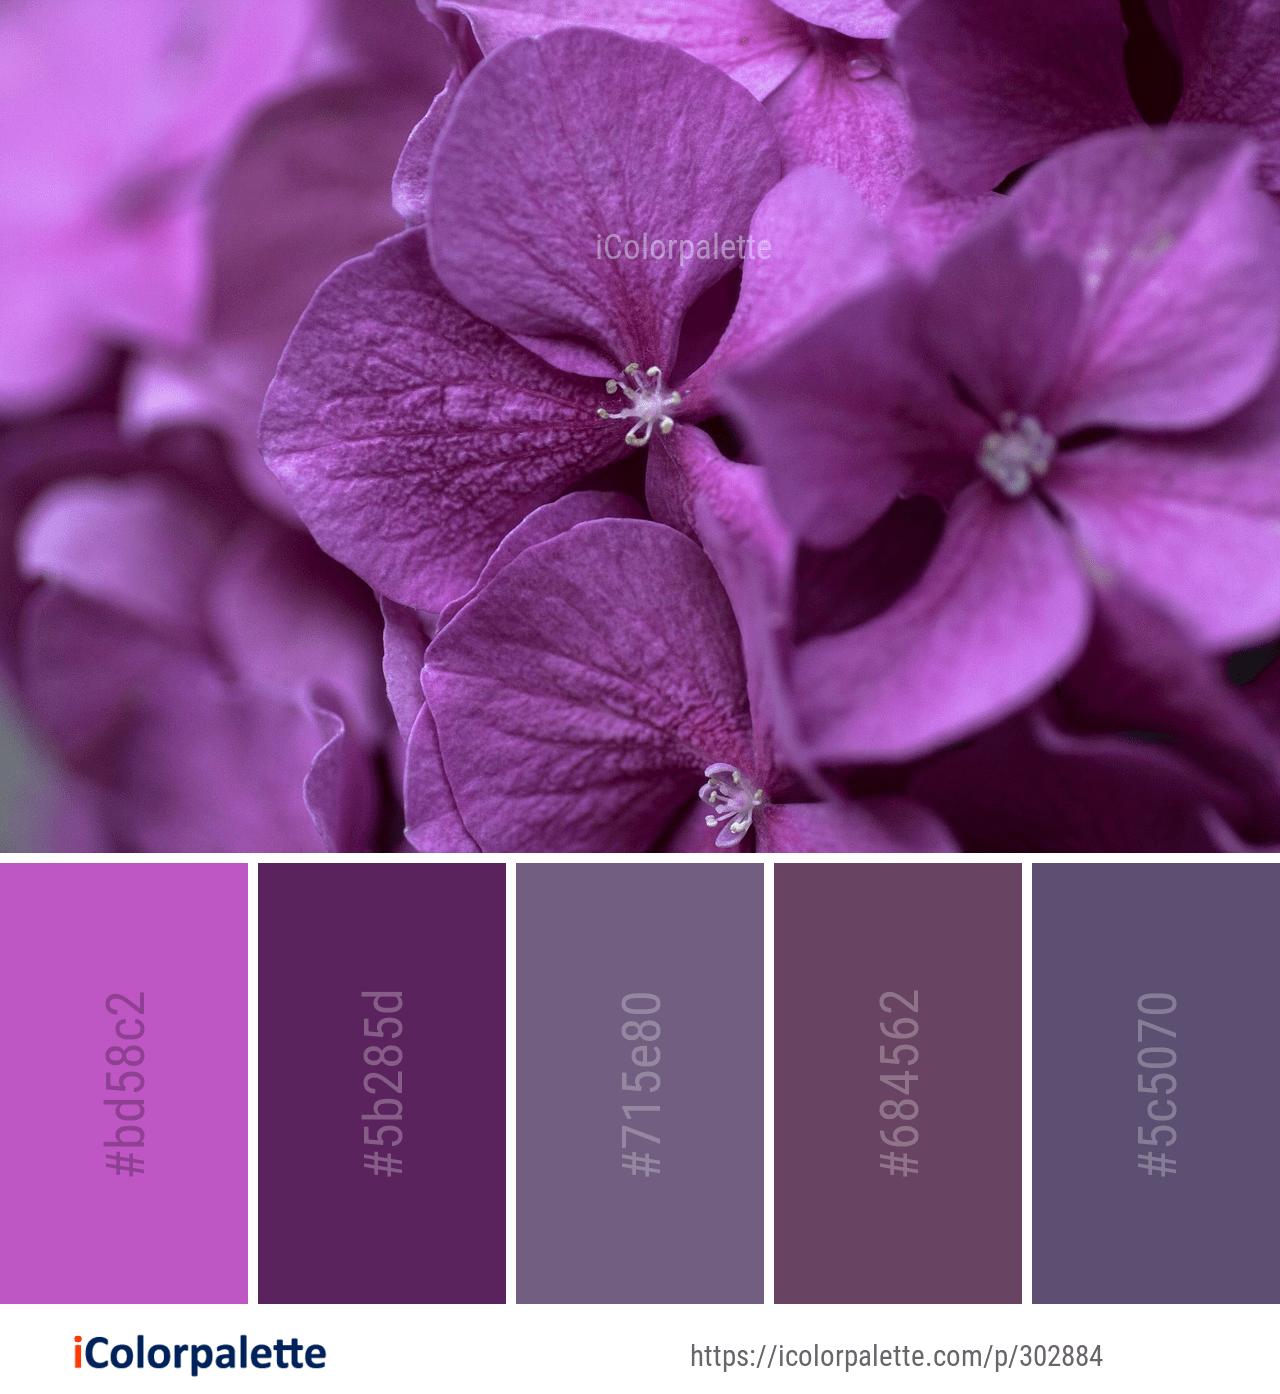 стоит цвета фиолетовый и сиреневый фото меня время